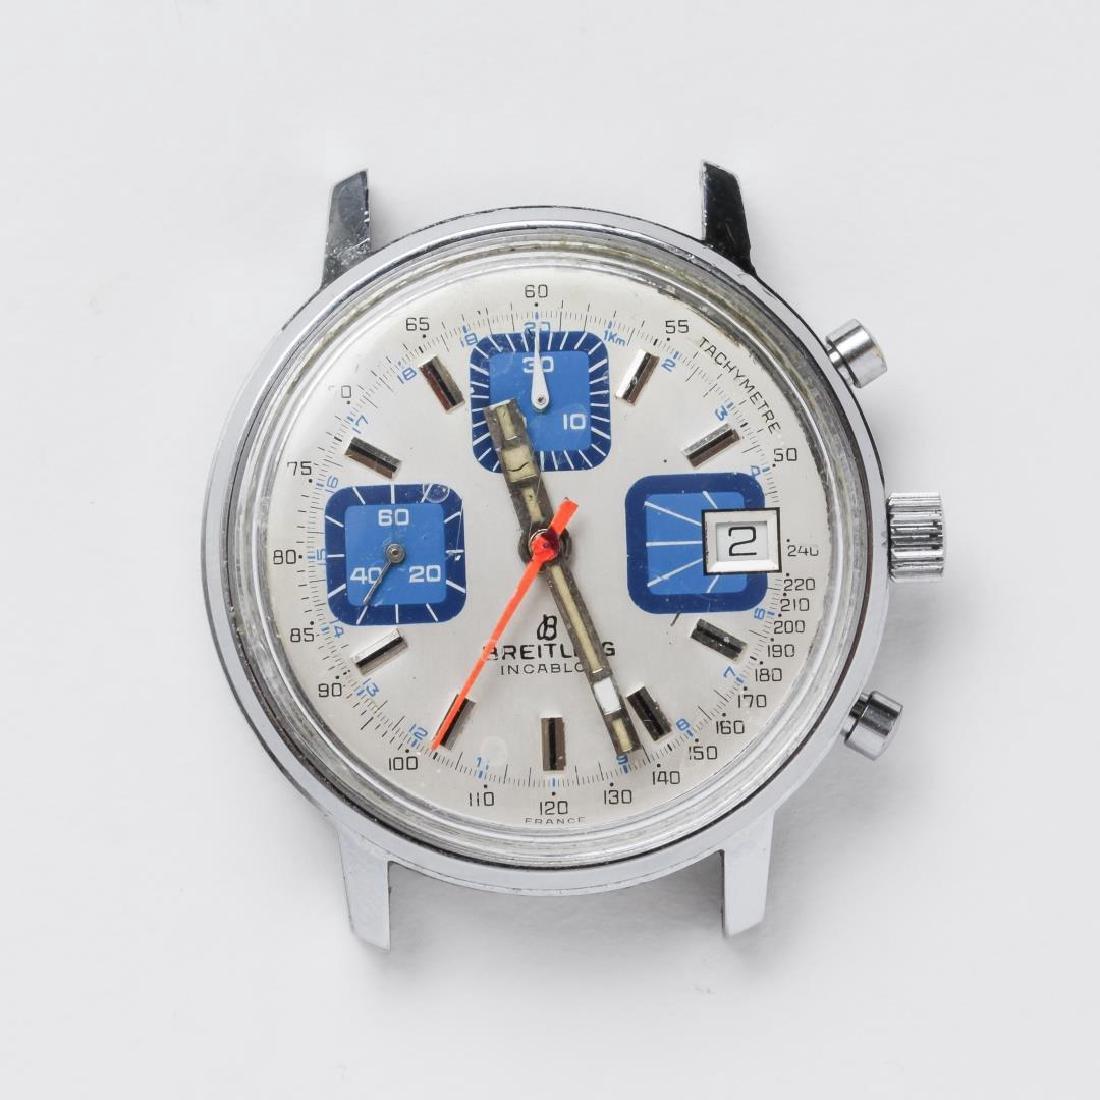 Breitling Incabloc Chronograph Watch, Vintage